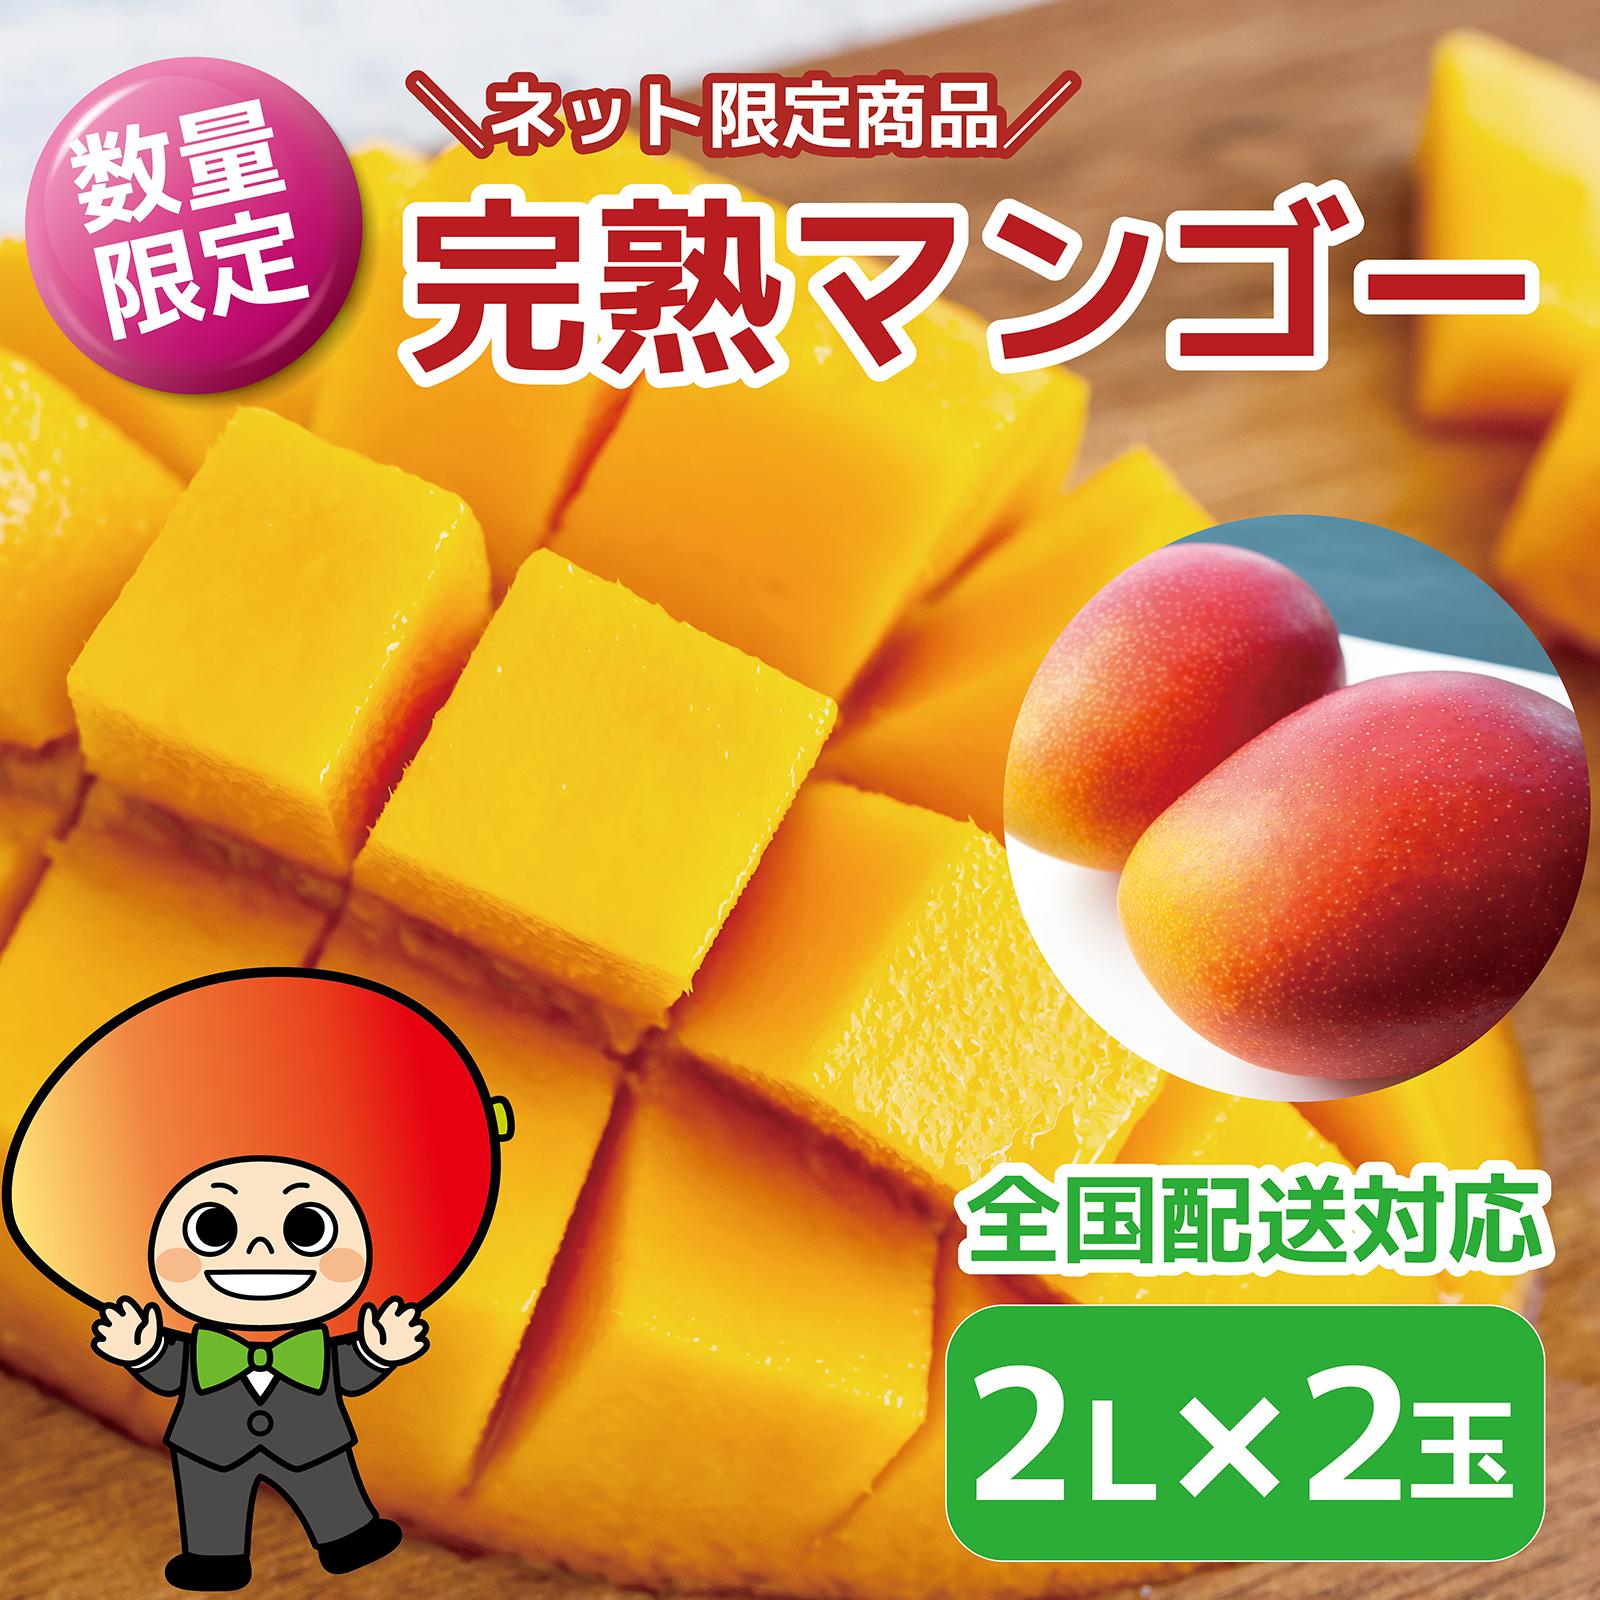 完熟マンゴーのネットご注文は